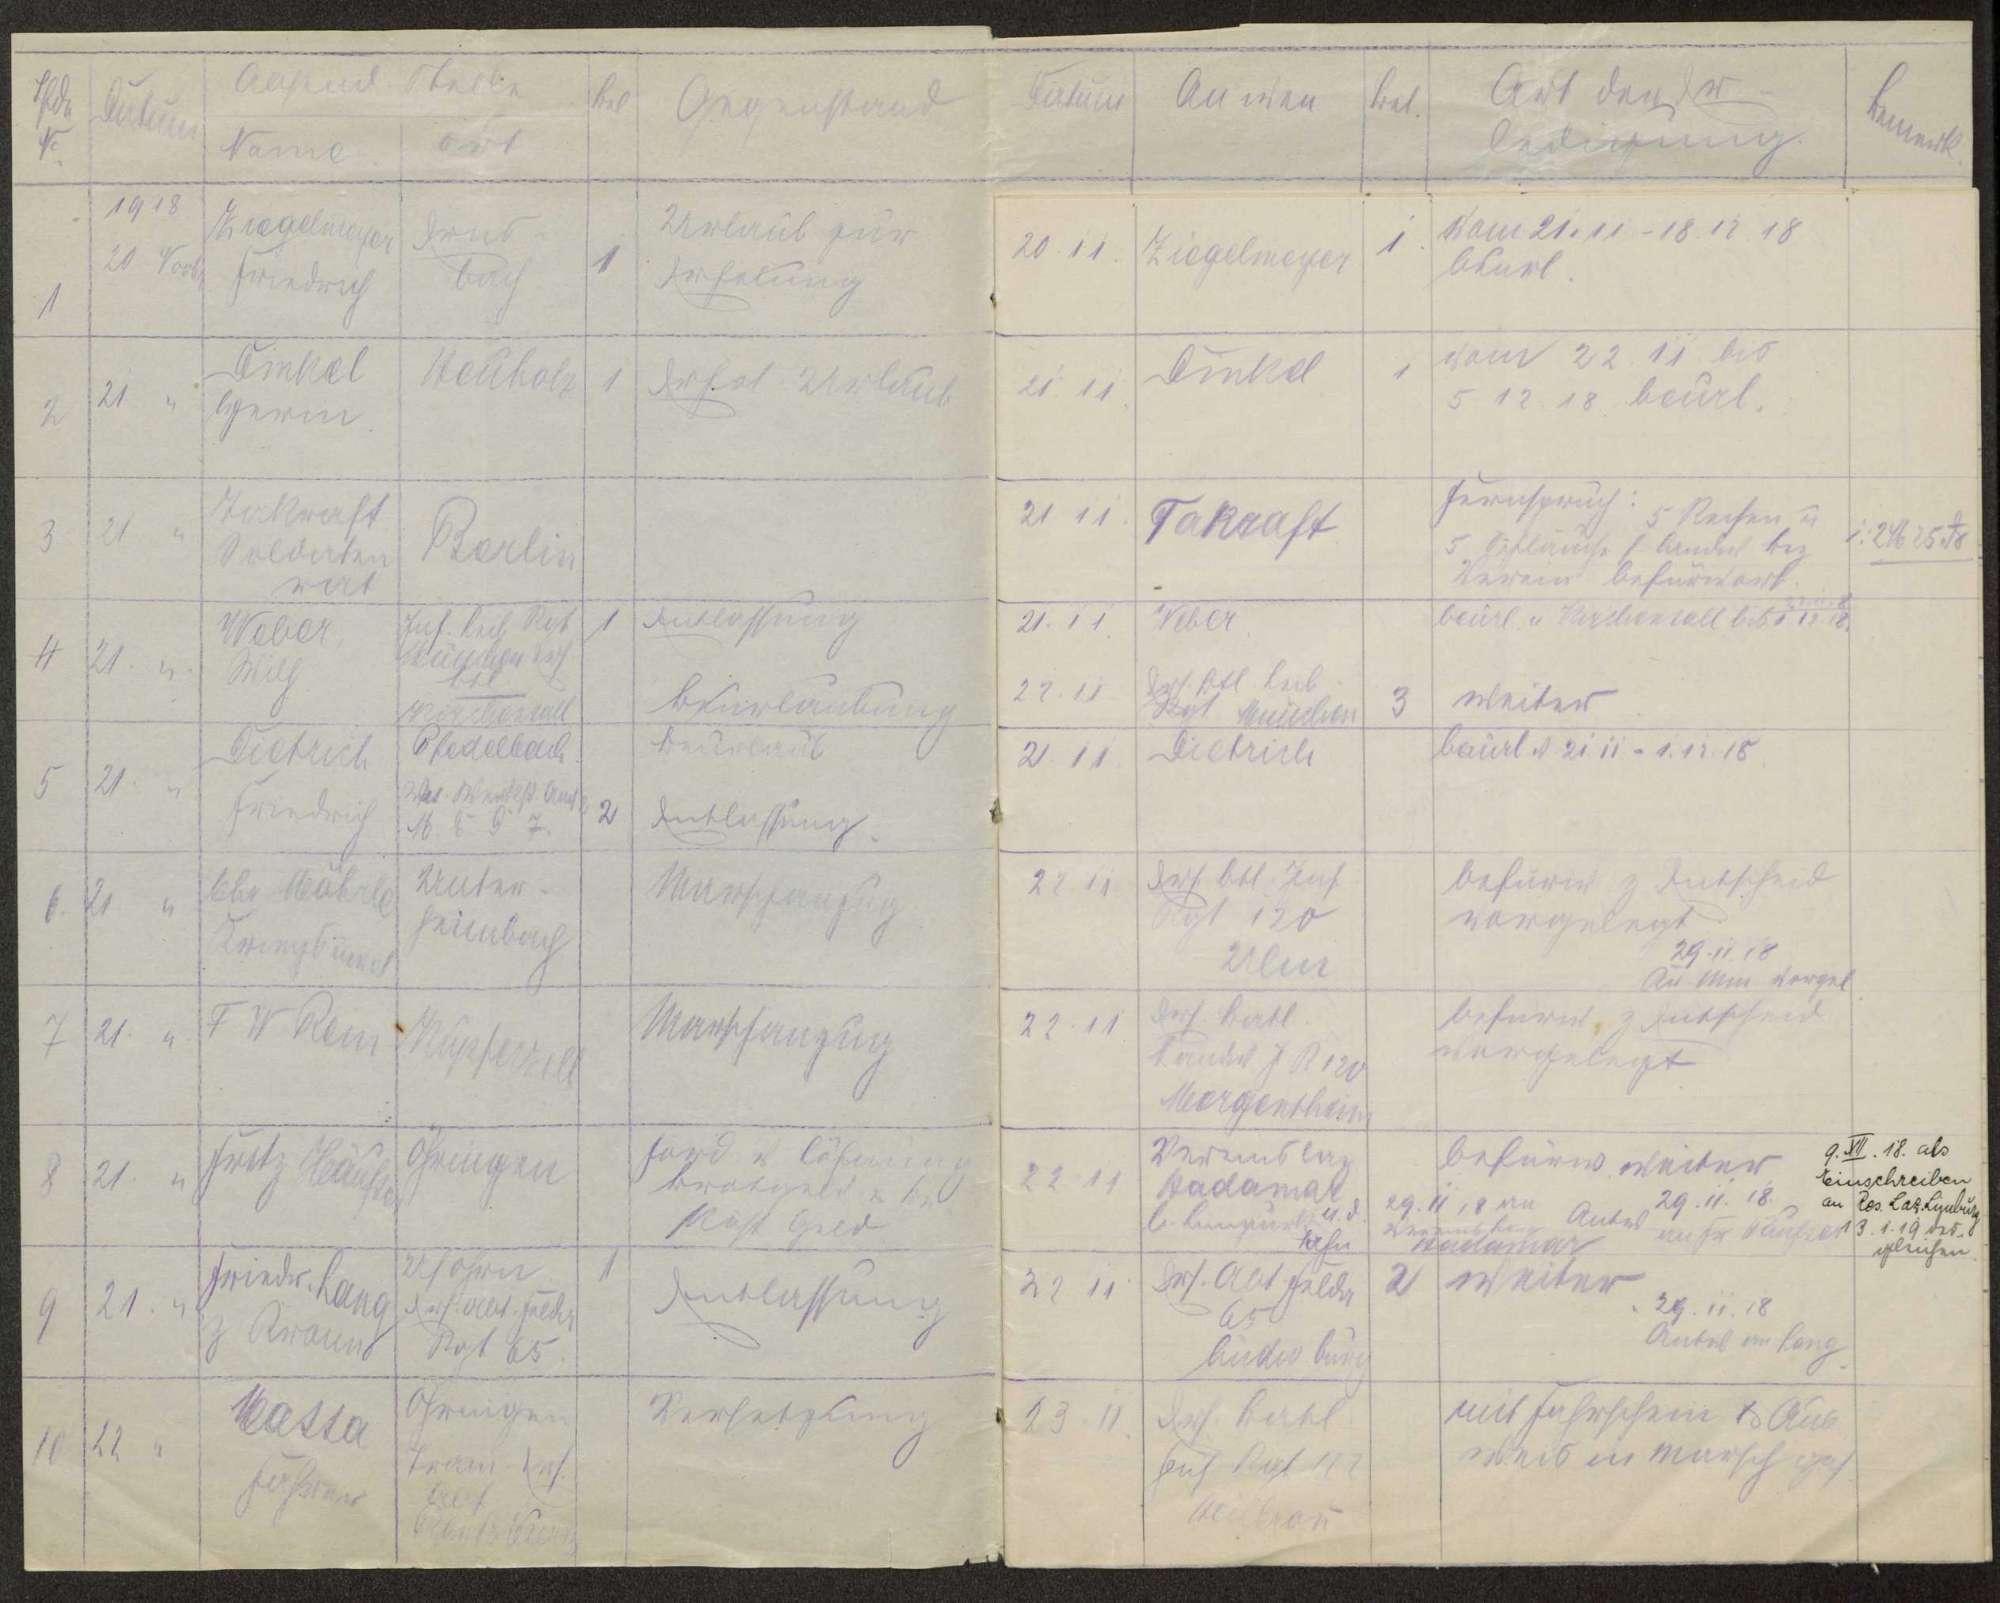 Schriftwechselbuch, Bild 2